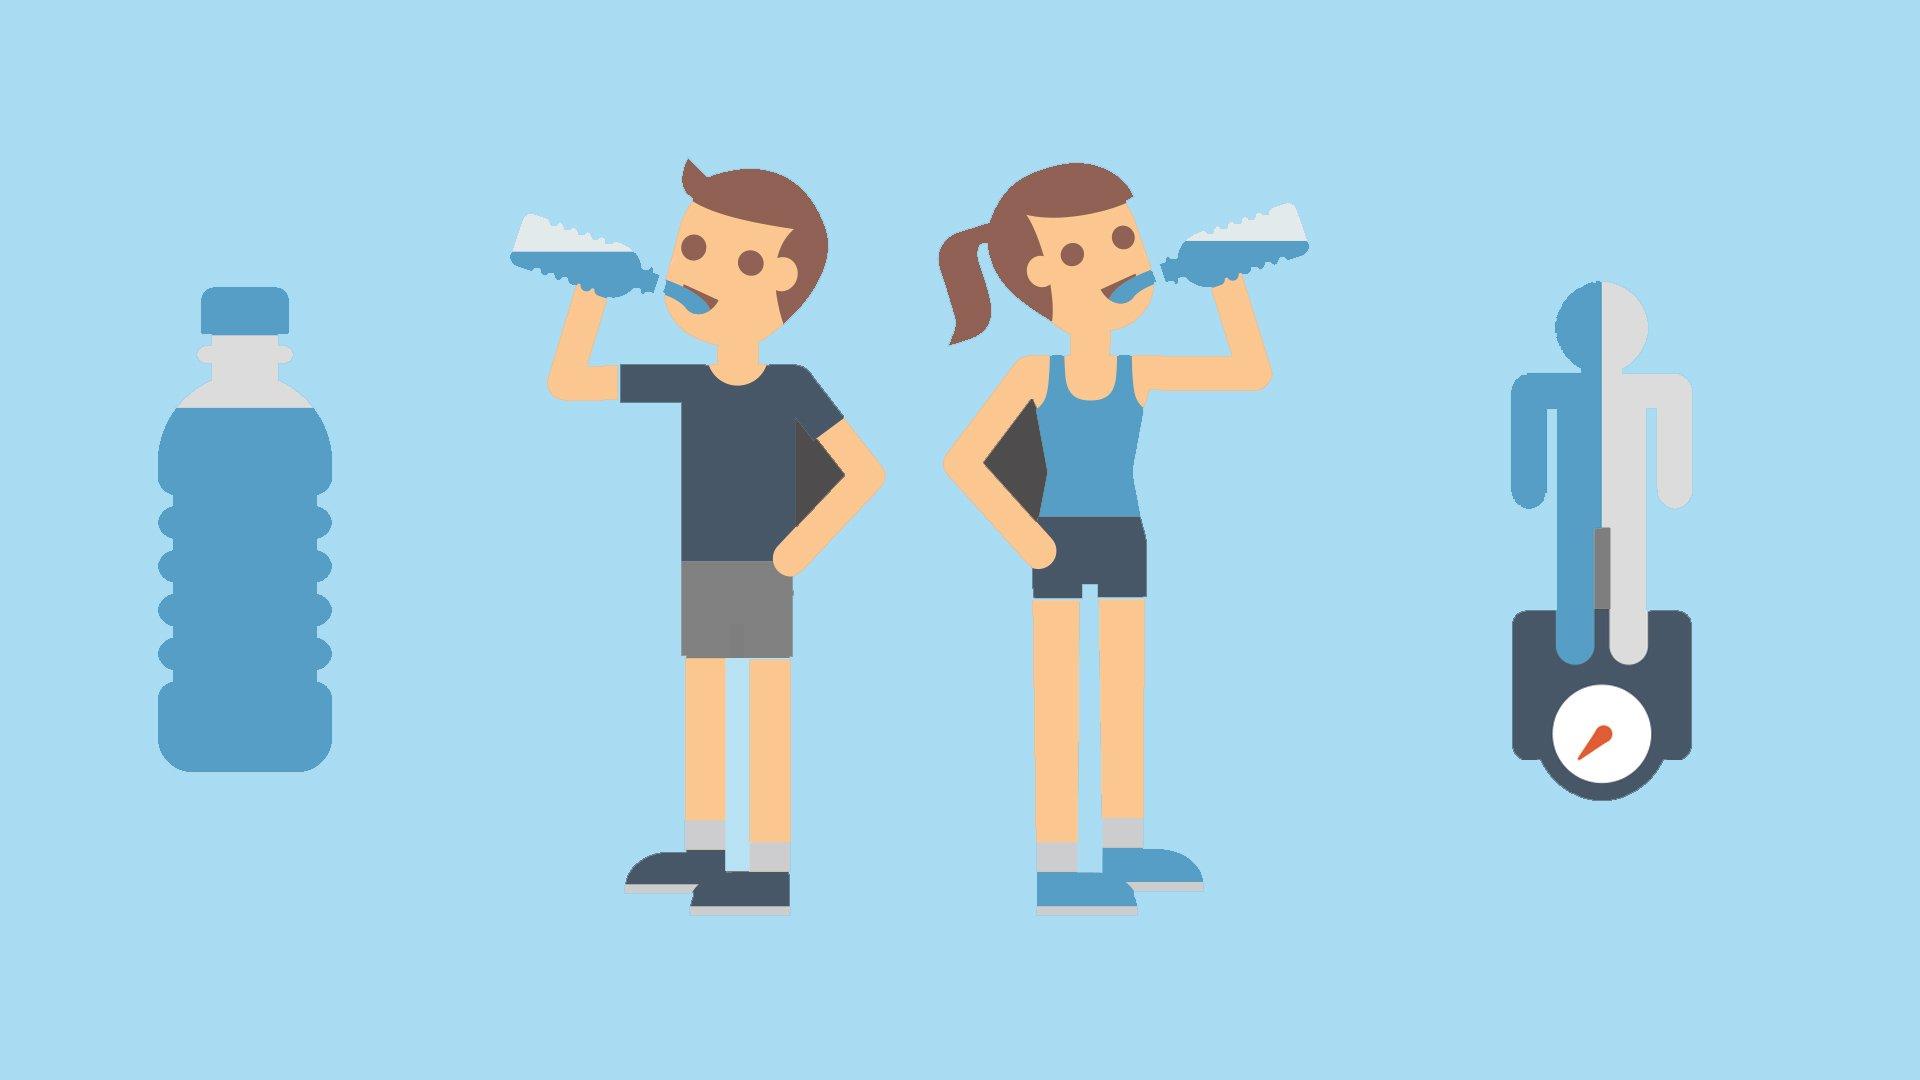 gewicht verliezen door water drinken